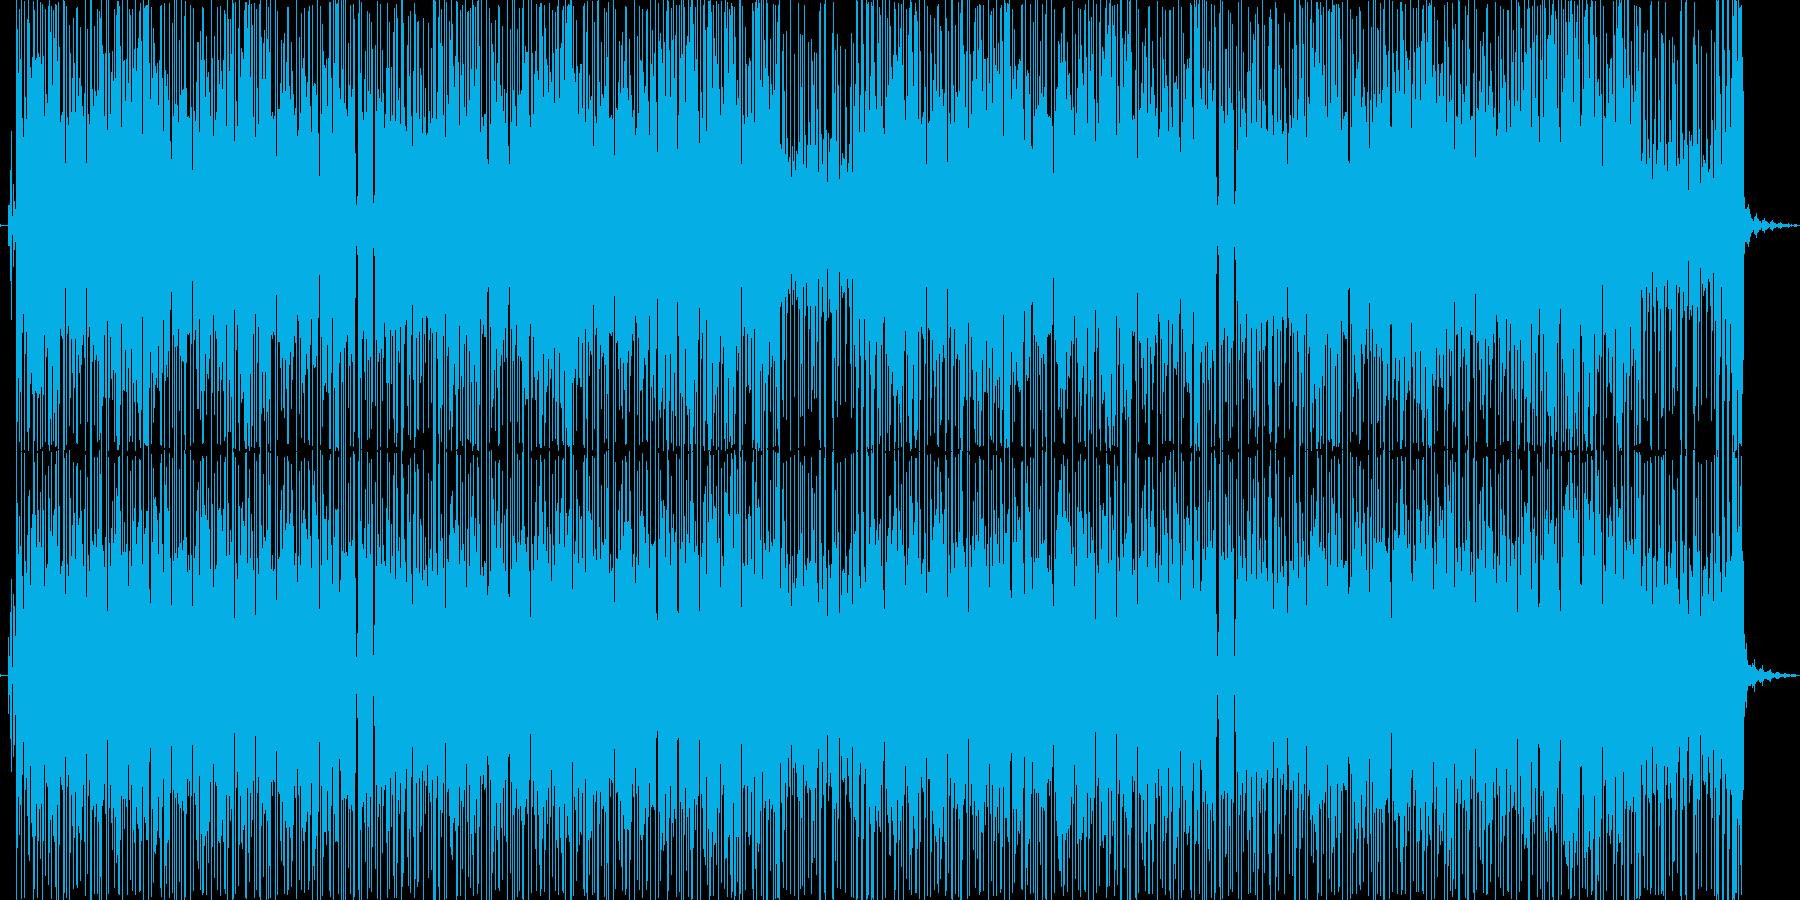 ファンキーなエレキサウンドで跳ねるリズムの再生済みの波形